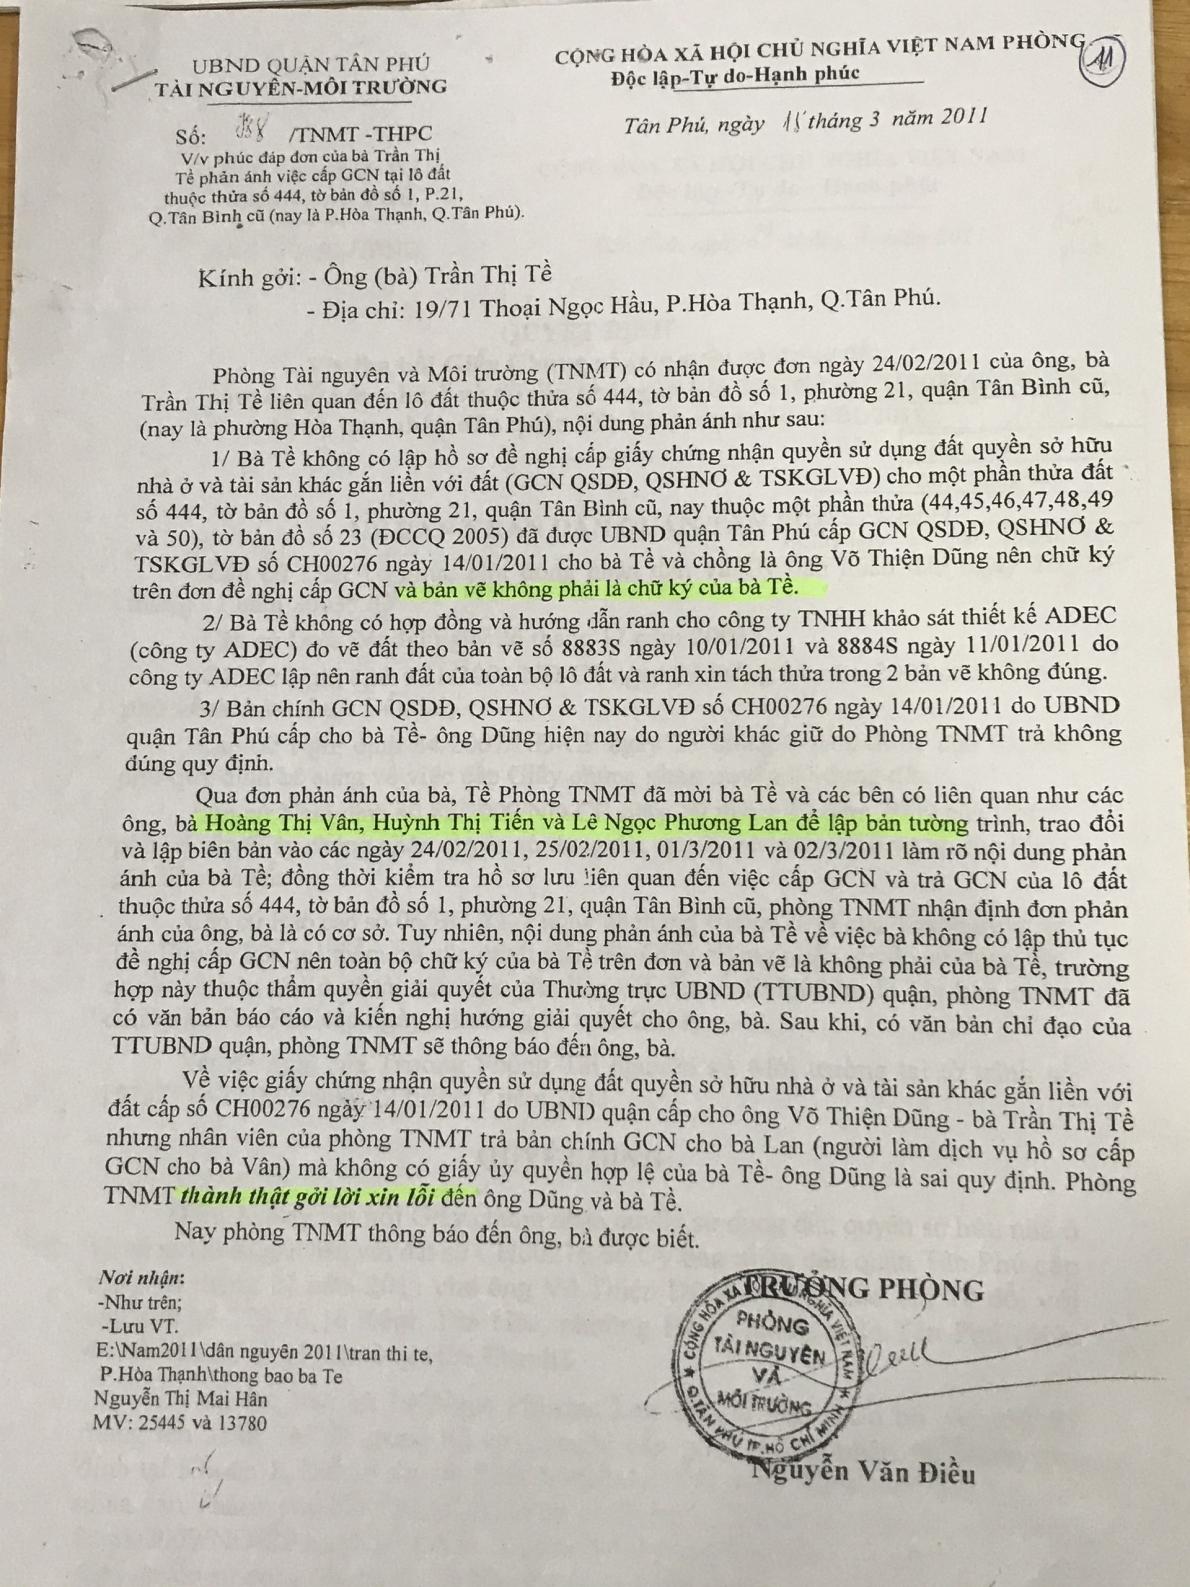 Quận Tân Phú, TP Hồ Chí Minh: 10 năm chưa giải quyết dứt điểm đơn của bà Trần Thị Tề?